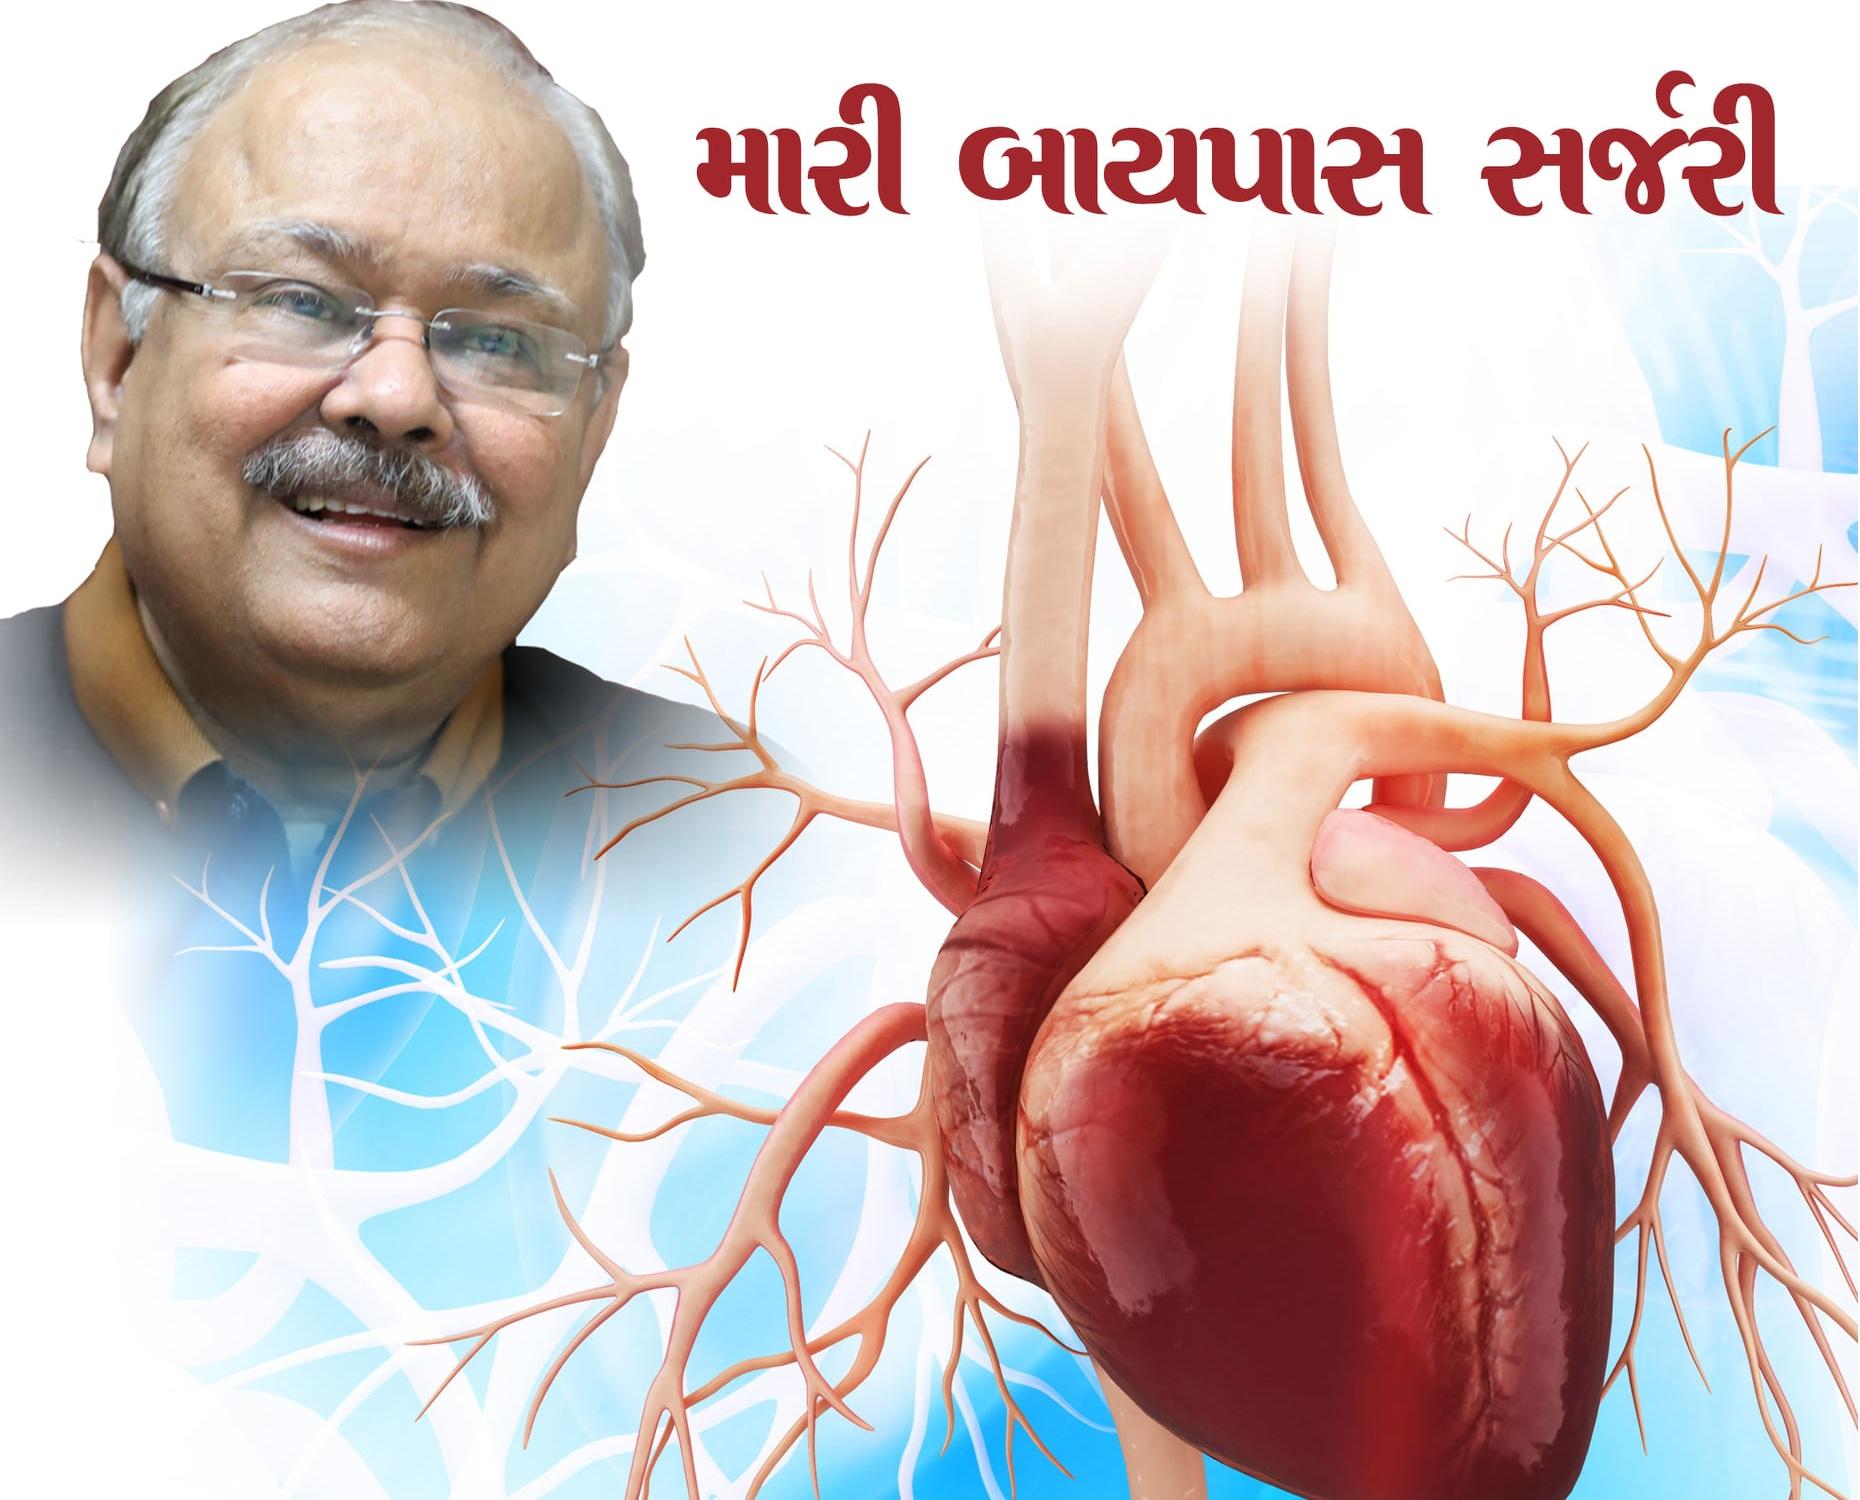 ગુજરાતના પૂર્વ આરોગ્ય મંત્રી ડો. જય નારાયણ વ્યાસની સફળ બાયપાસ સર્જરી કરાઈ, હોસ્પિટલમાંથી શેર કર્યો 11 દિવસનો અનુભવ|અમદાવાદ,Ahmedabad - Divya Bhaskar